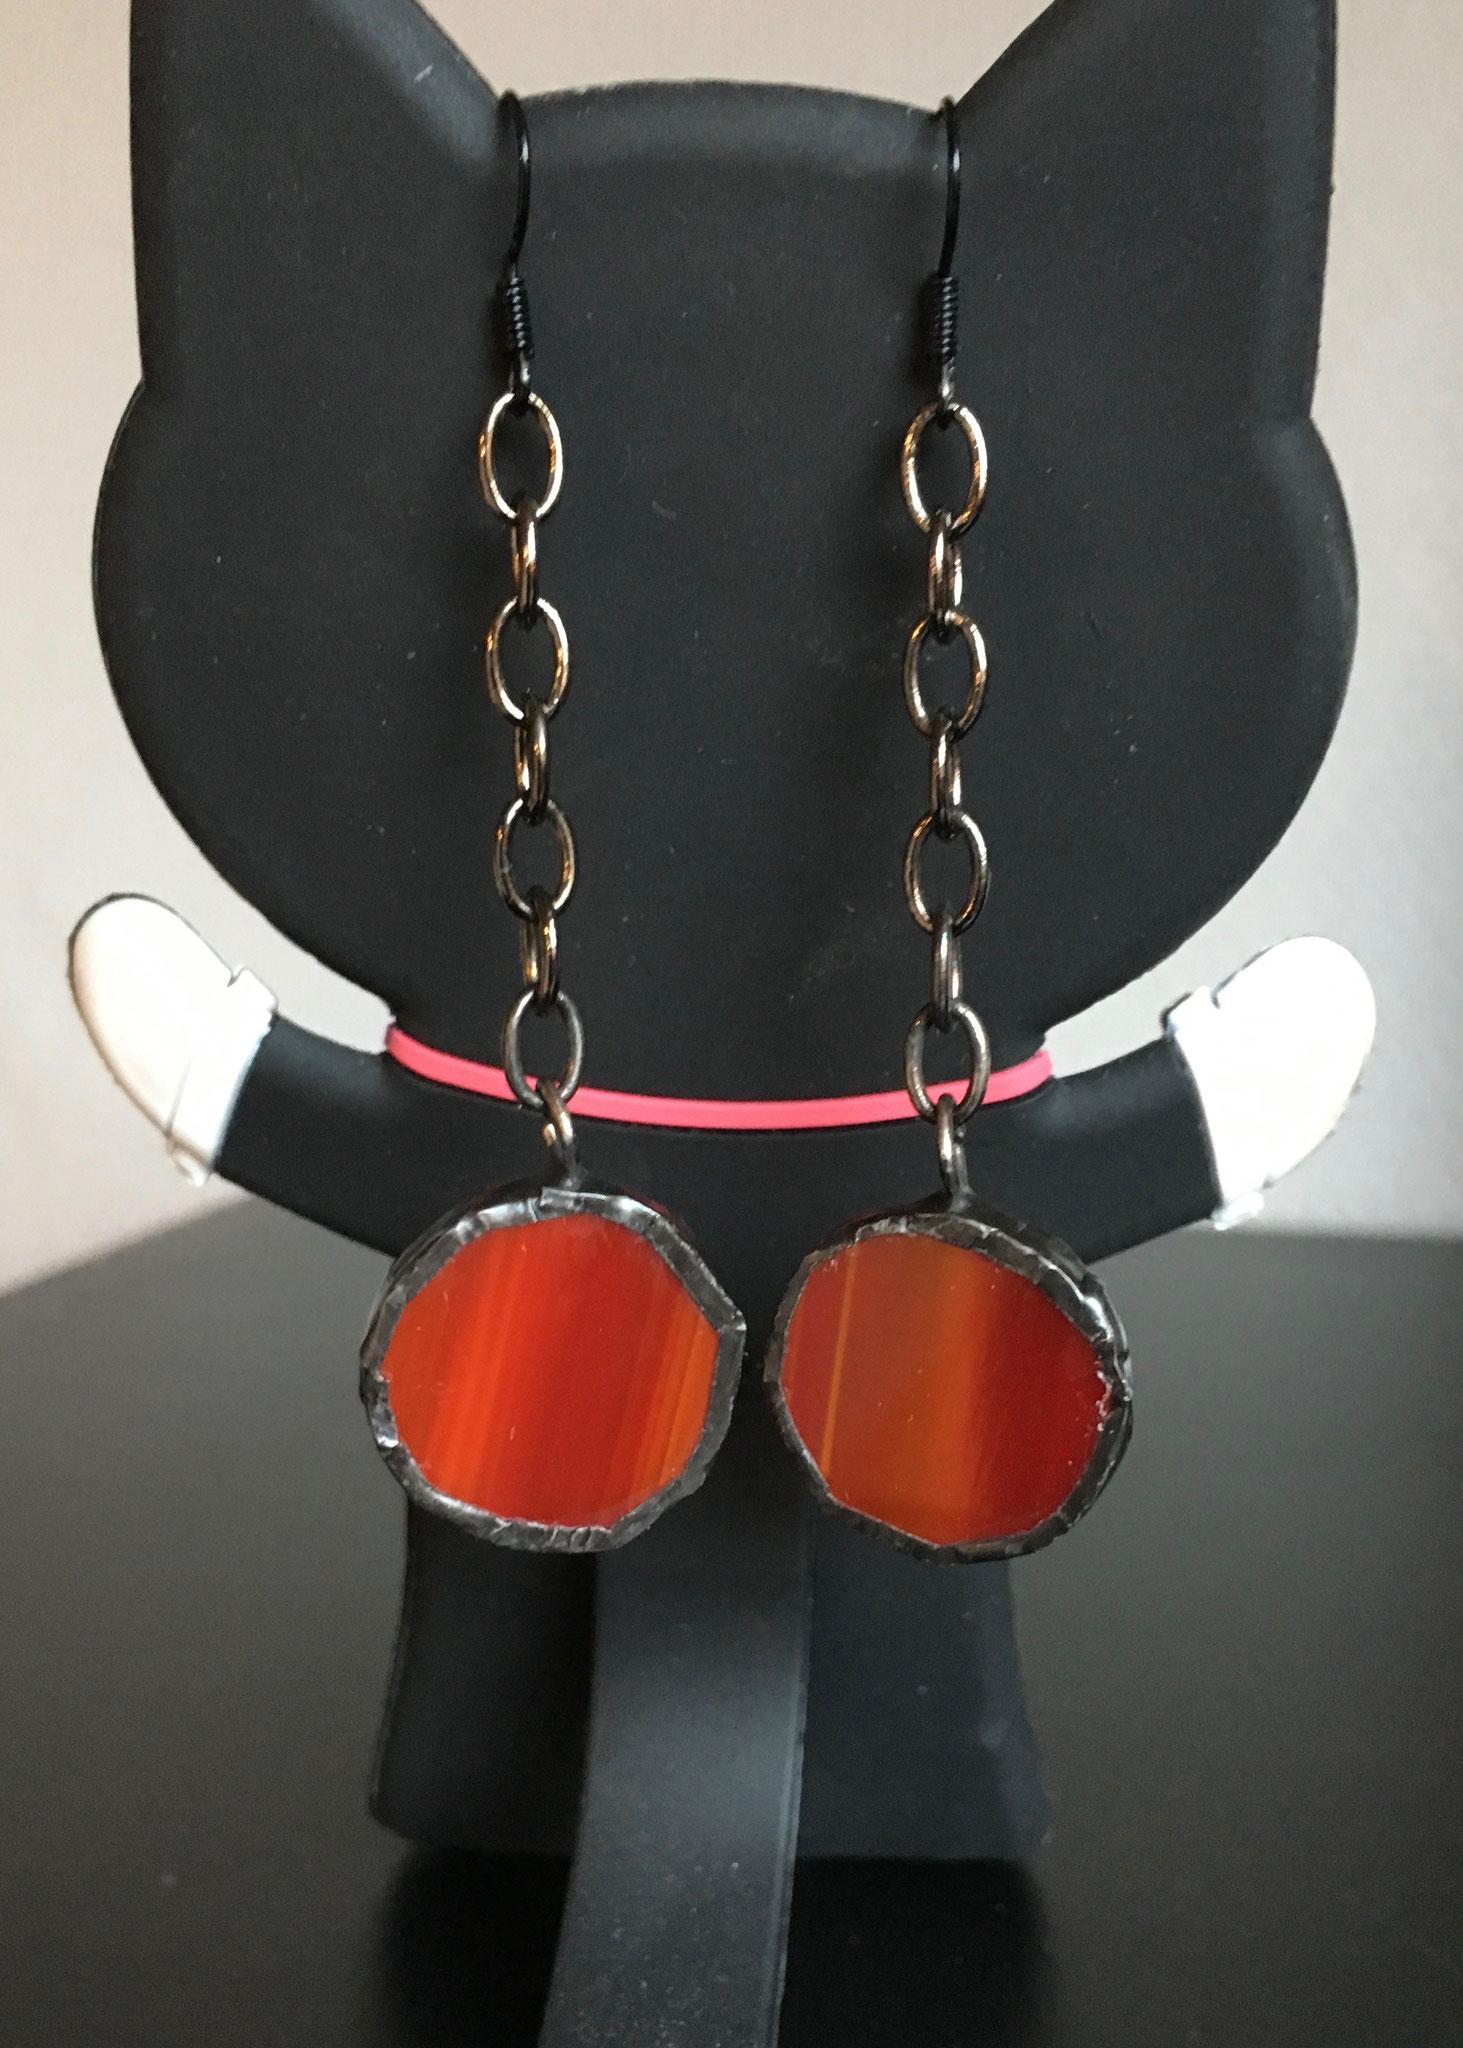 Boucles d'oreilles Tiffany rouges sur chaîne (6 x 2 cm) 9€     Ref: BO18